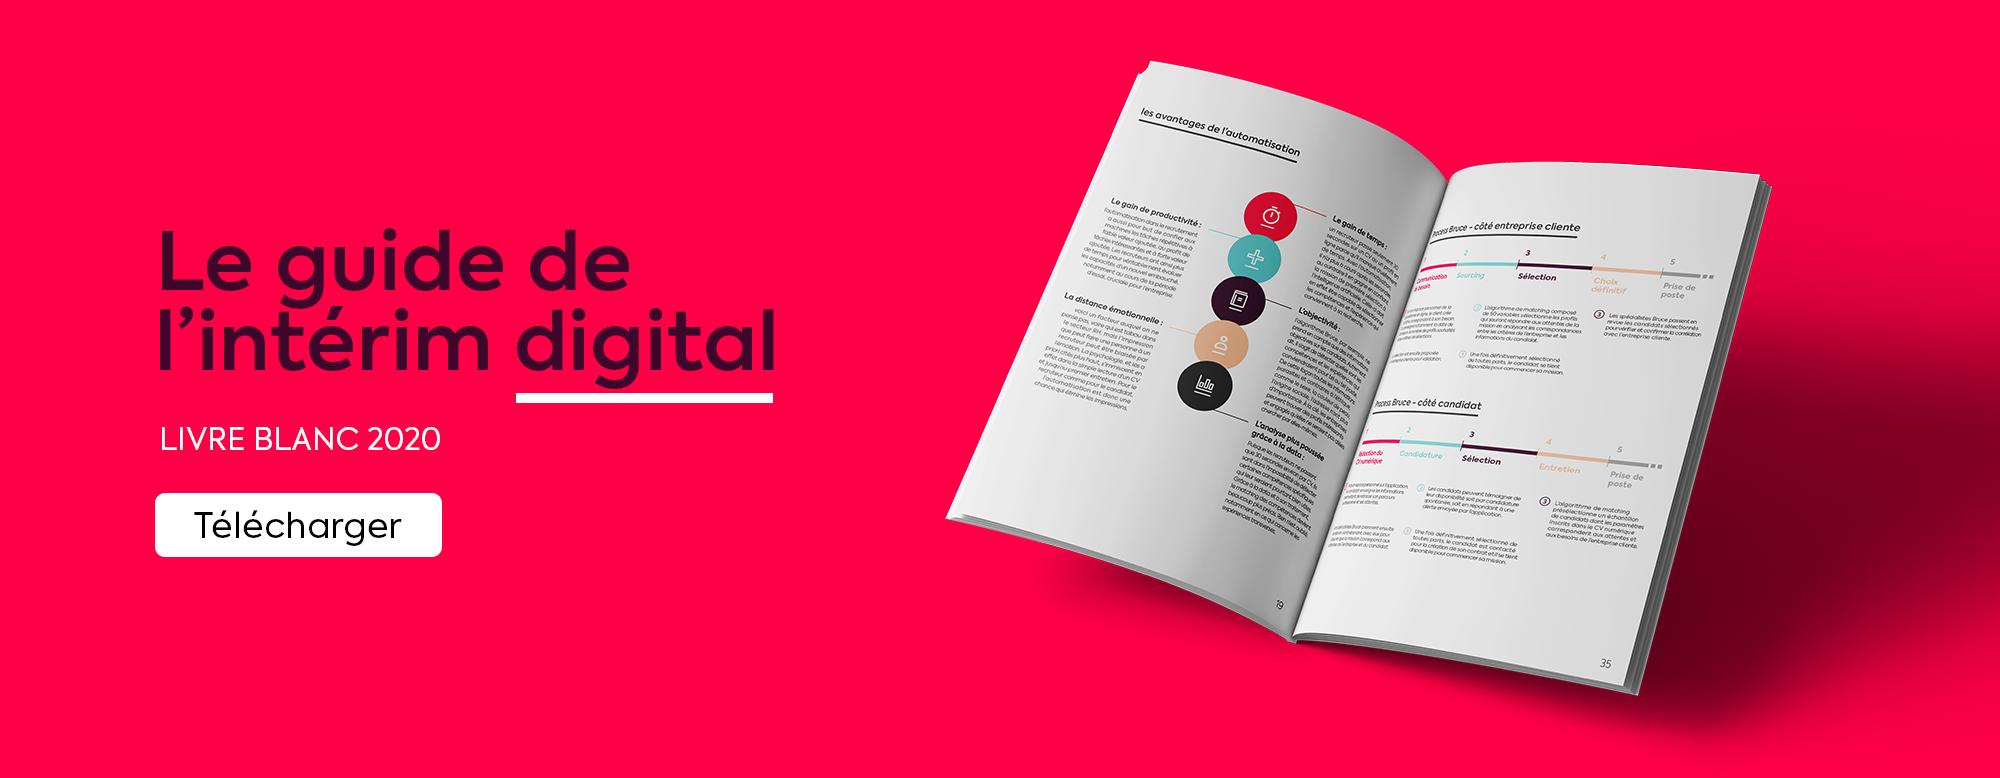 Télécharger notre guide de l'intérim digital